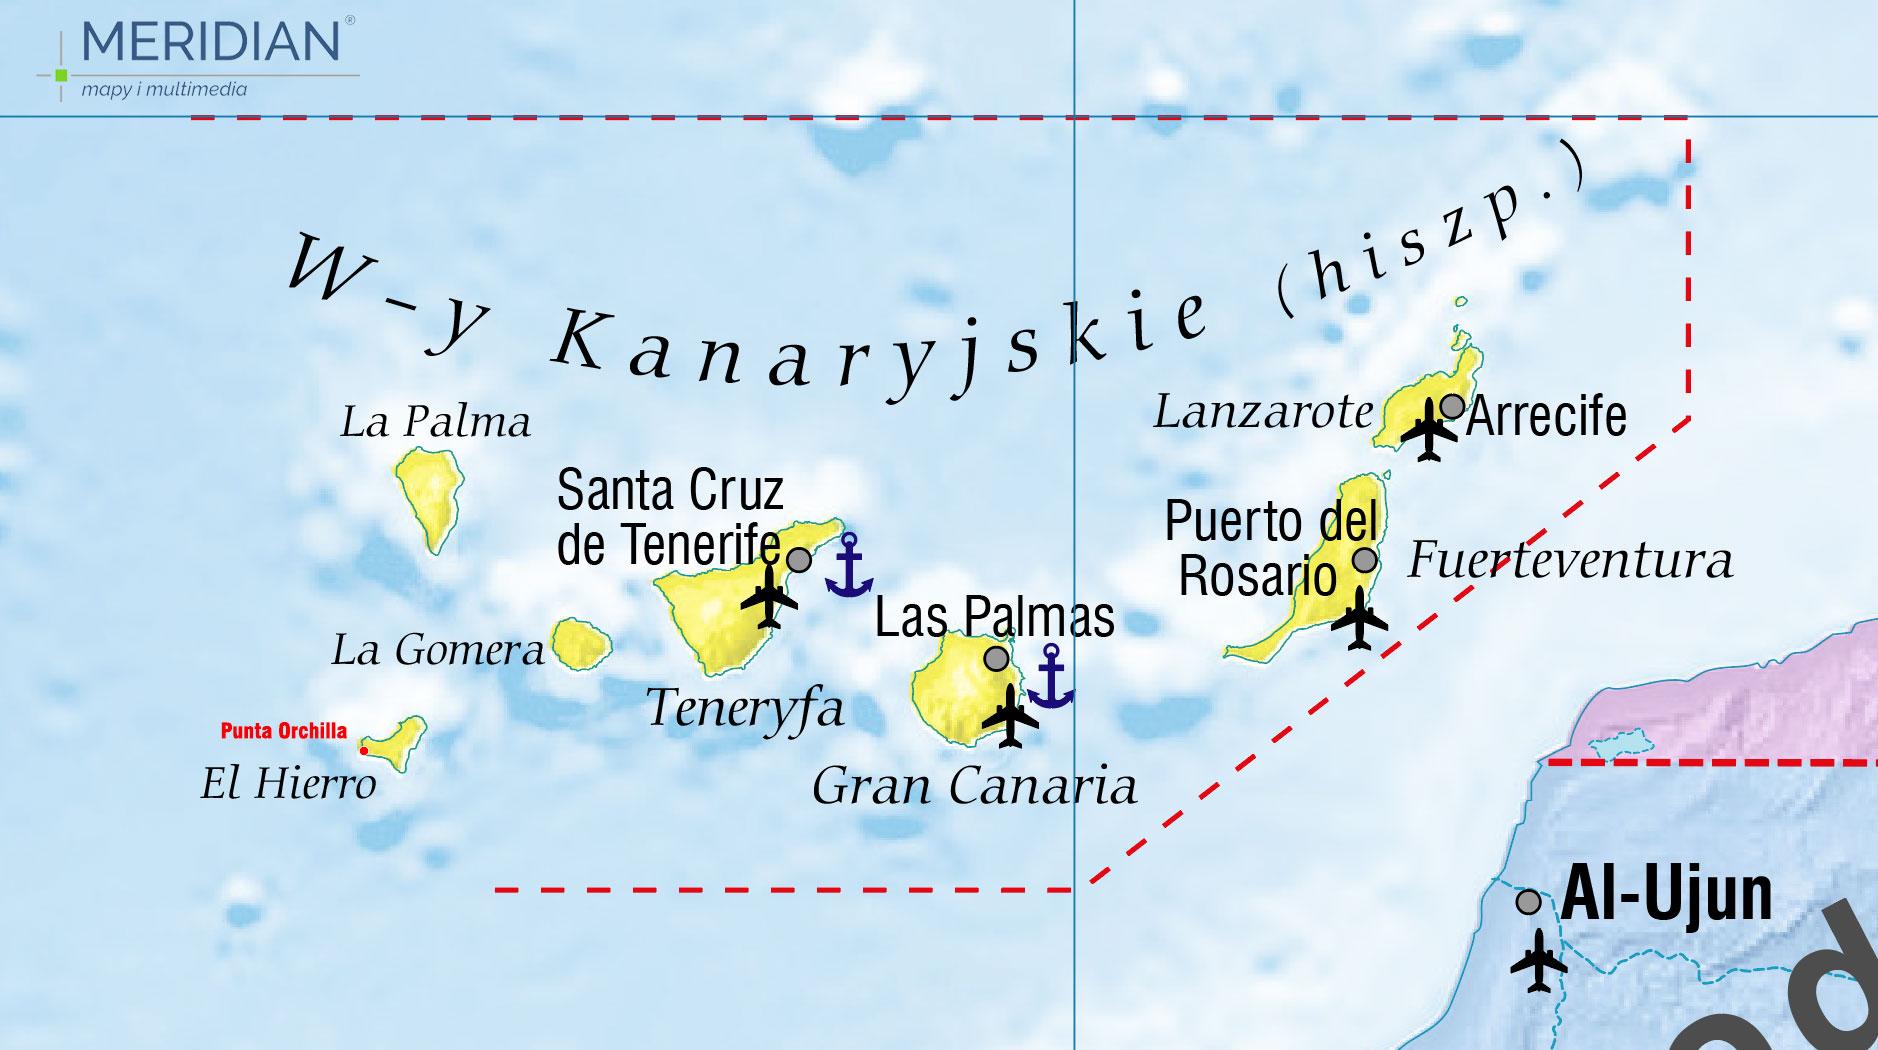 Wyspy kanaryjskie mapa 2